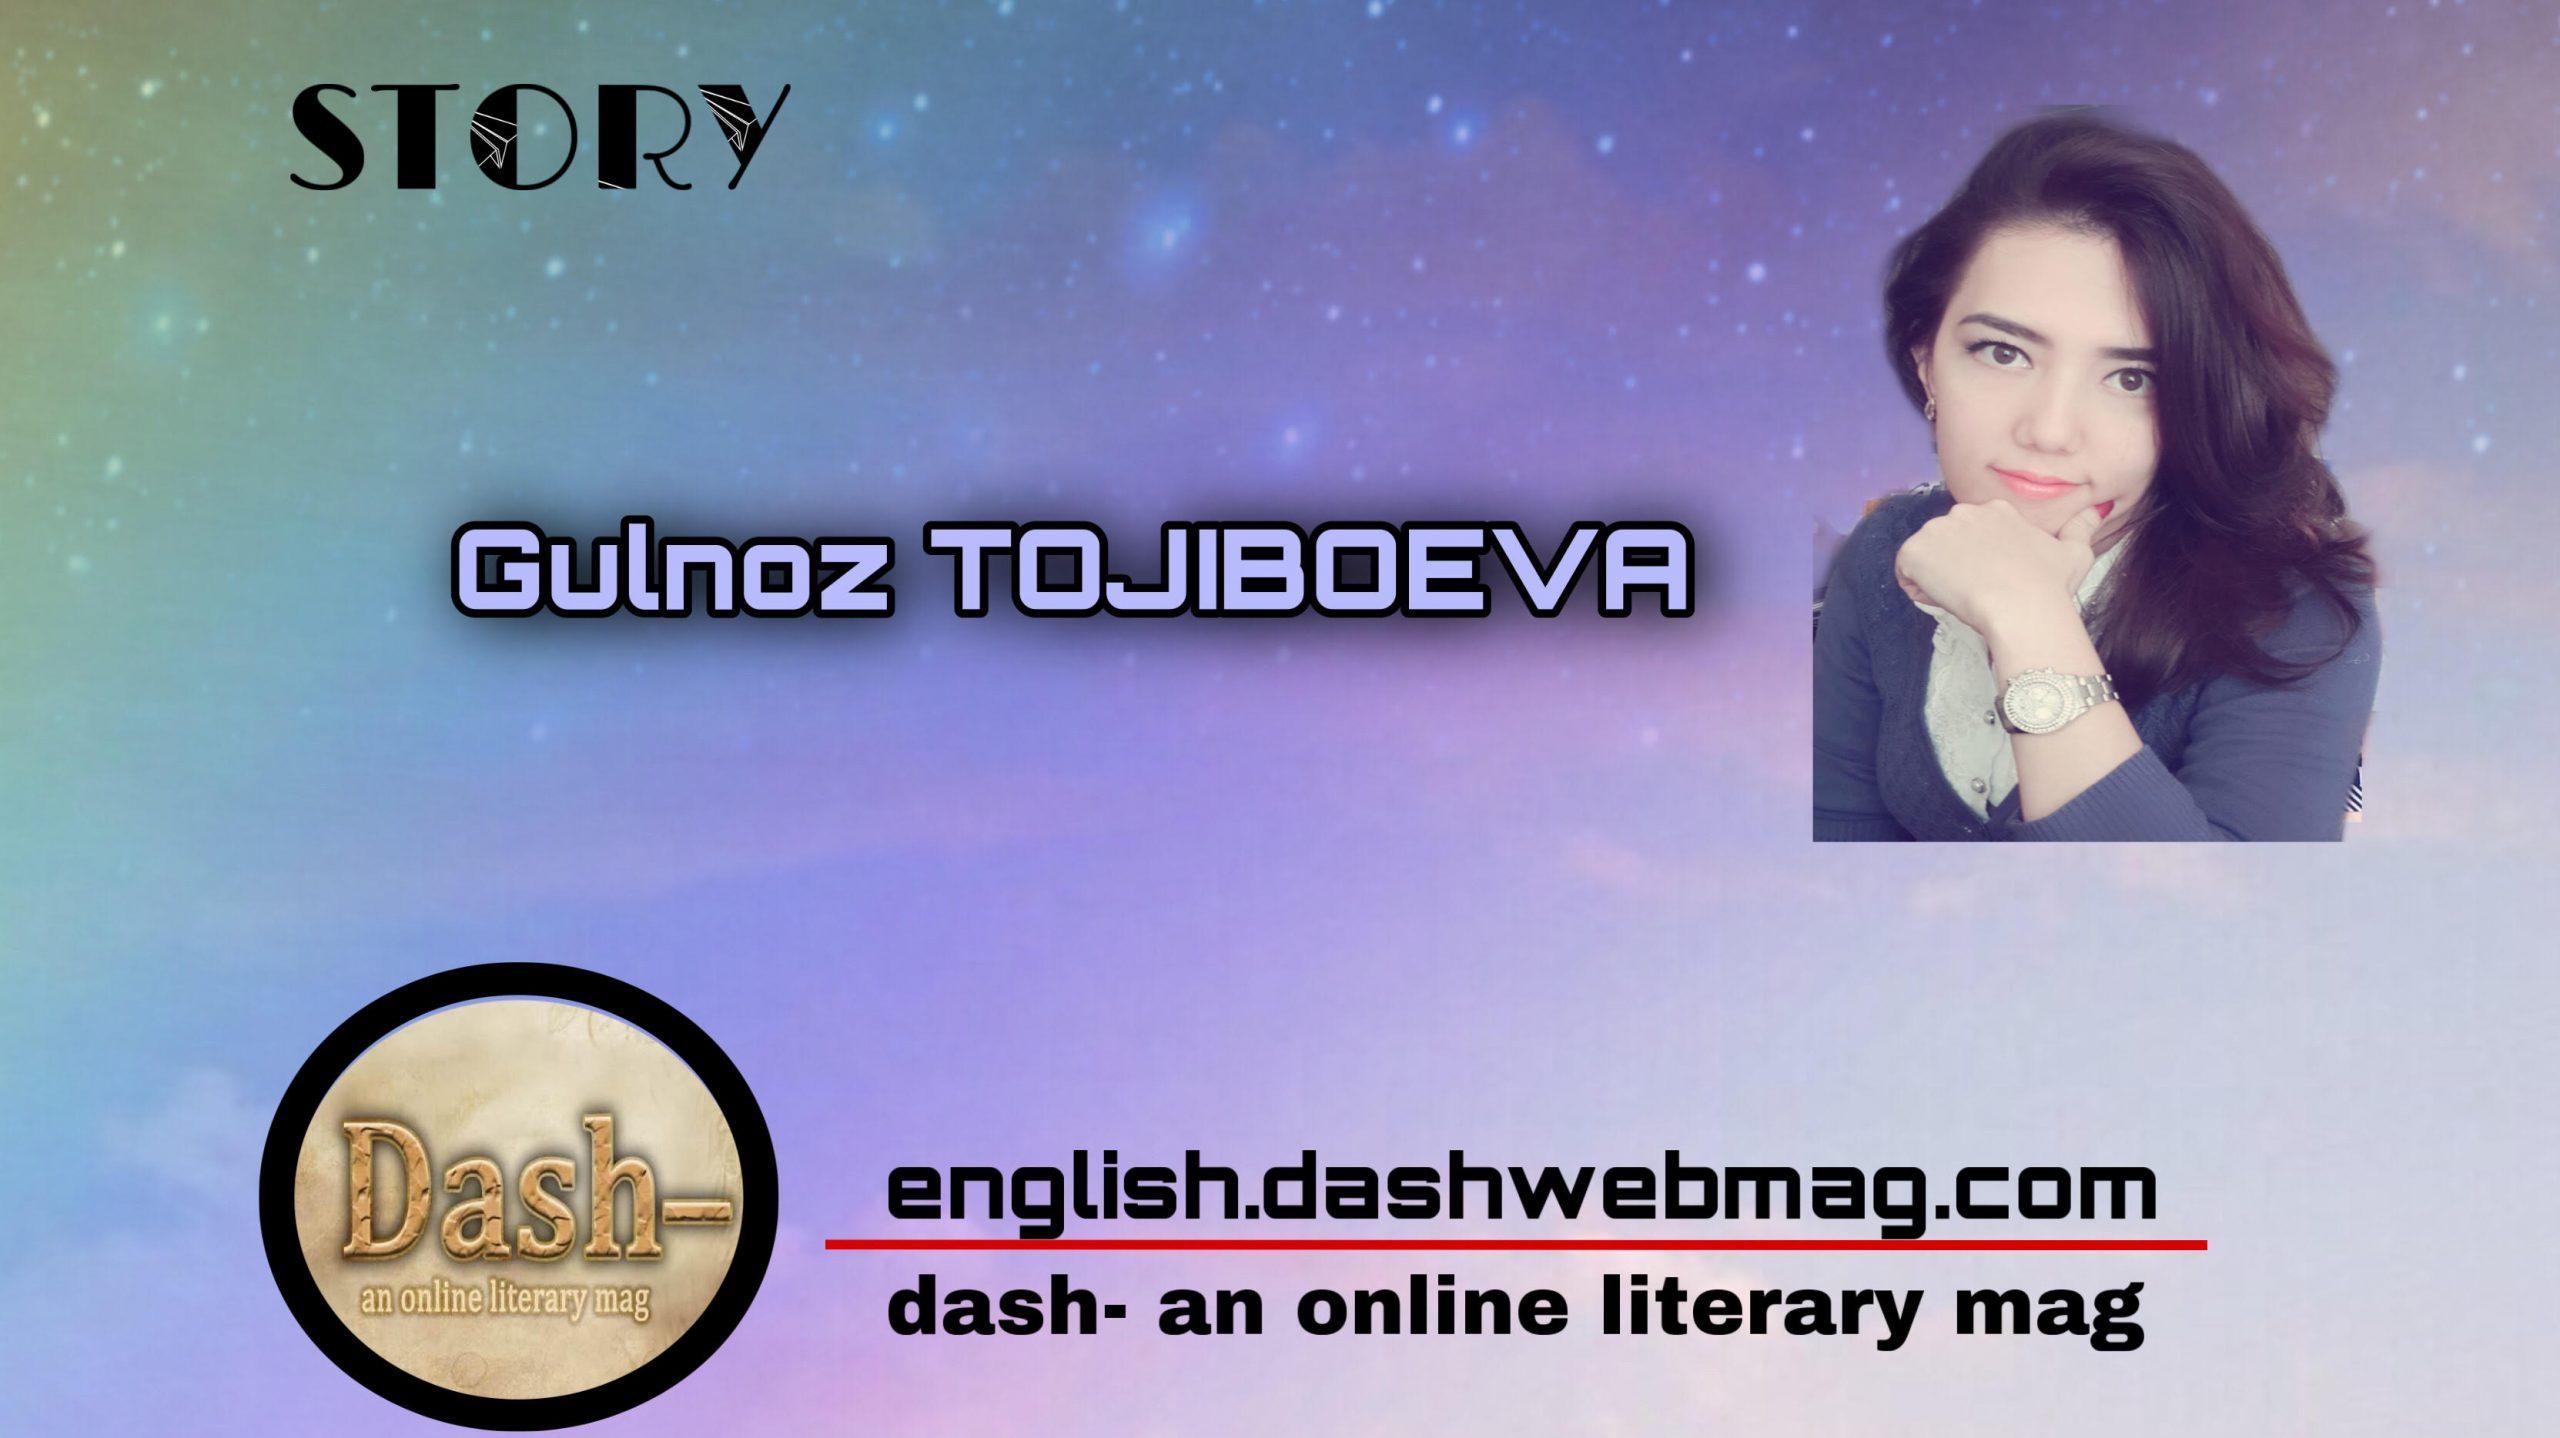 Story by Gulnoz TOJIBOEVA